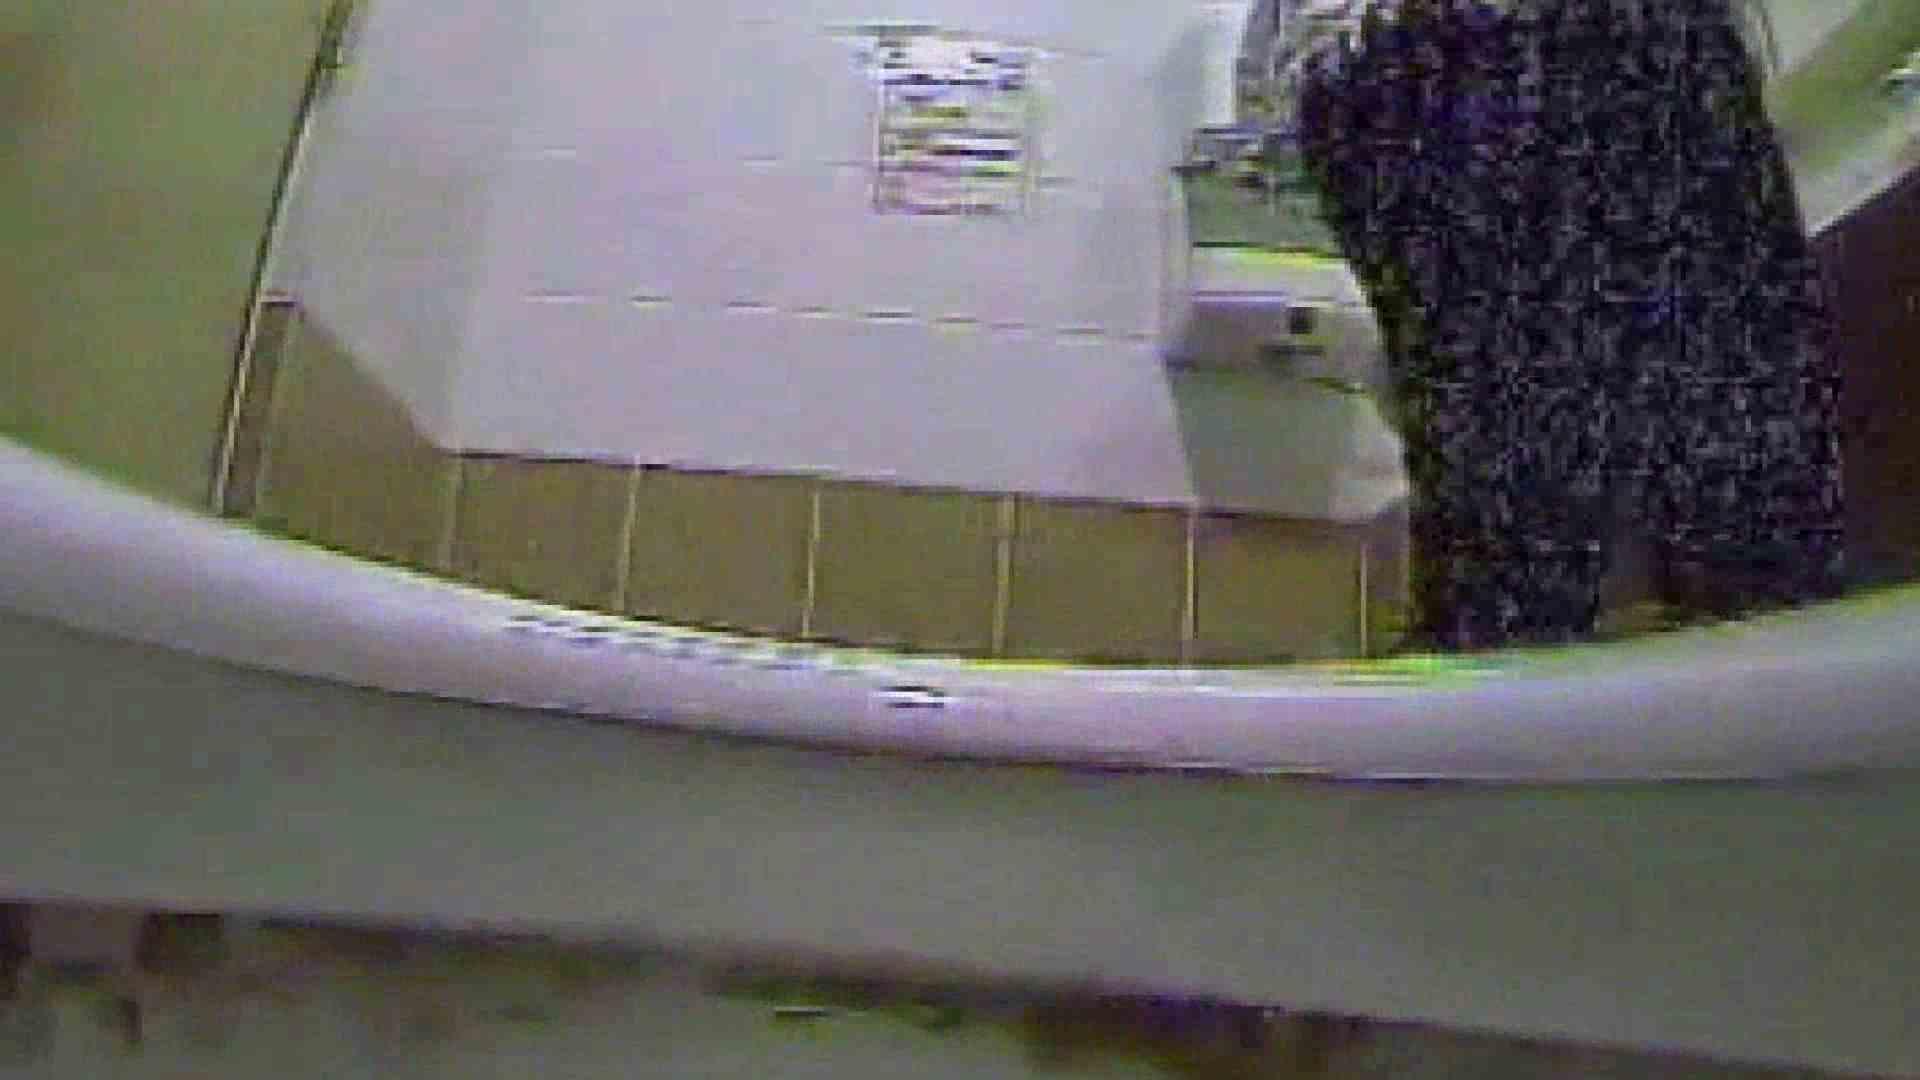 キレカワ女子大生の秘密の洗面所!Vol.017 Hな女子大生 AV動画キャプチャ 107pic 96